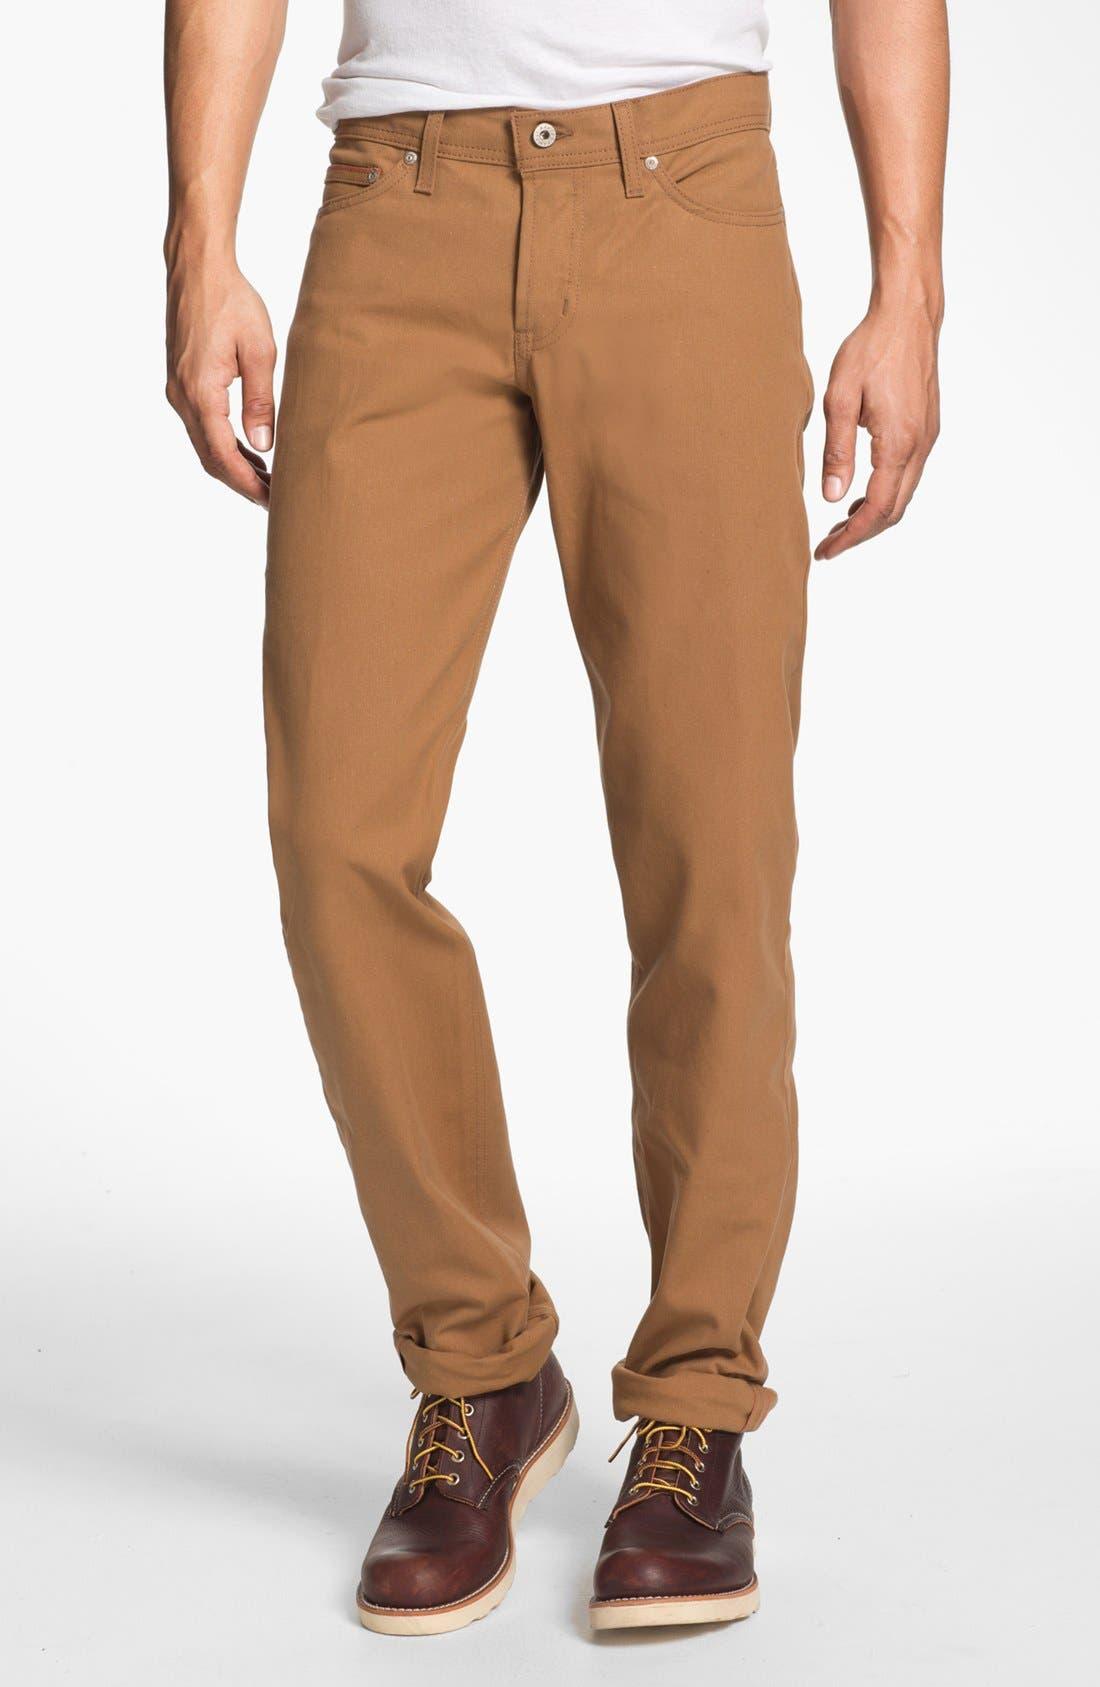 NAKED & FAMOUS DENIM Weird Guy Slim Tapered Leg Selvedge Jeans